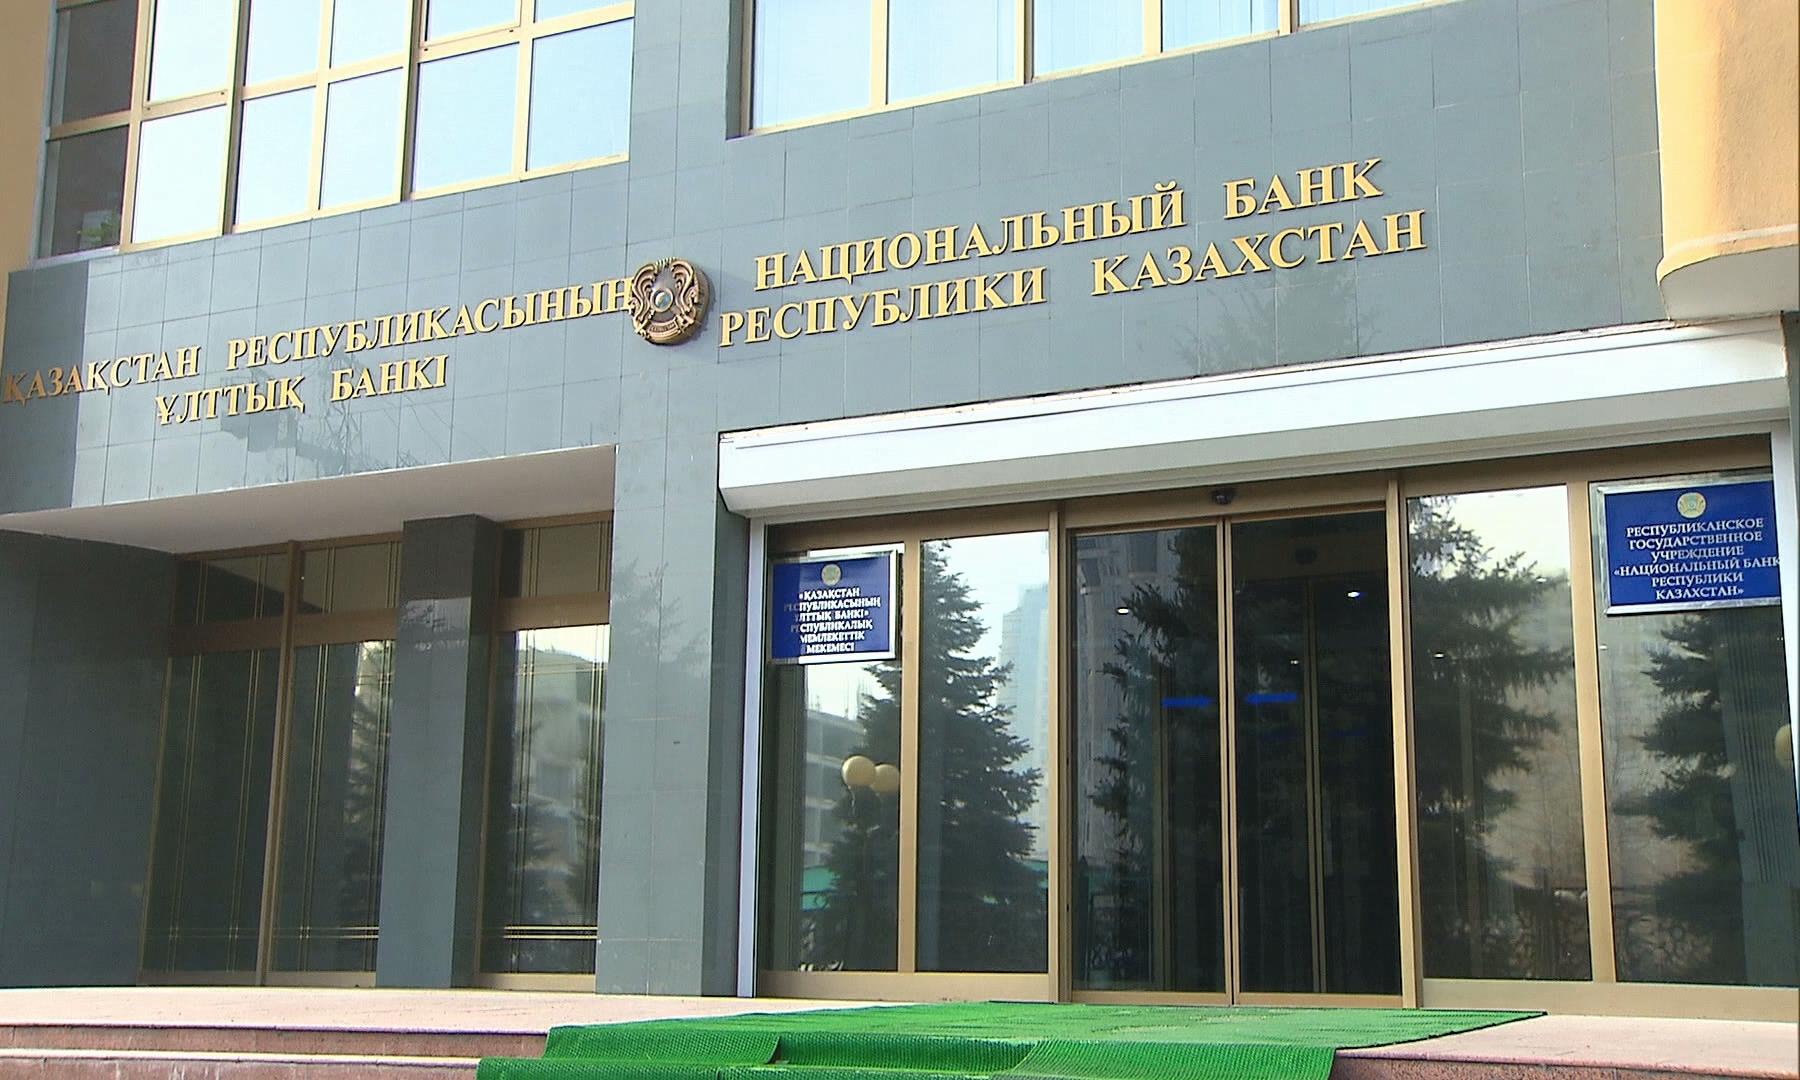 Дефицита капитала в банковском секторе Казахстана по результатам AQR не наблюдается